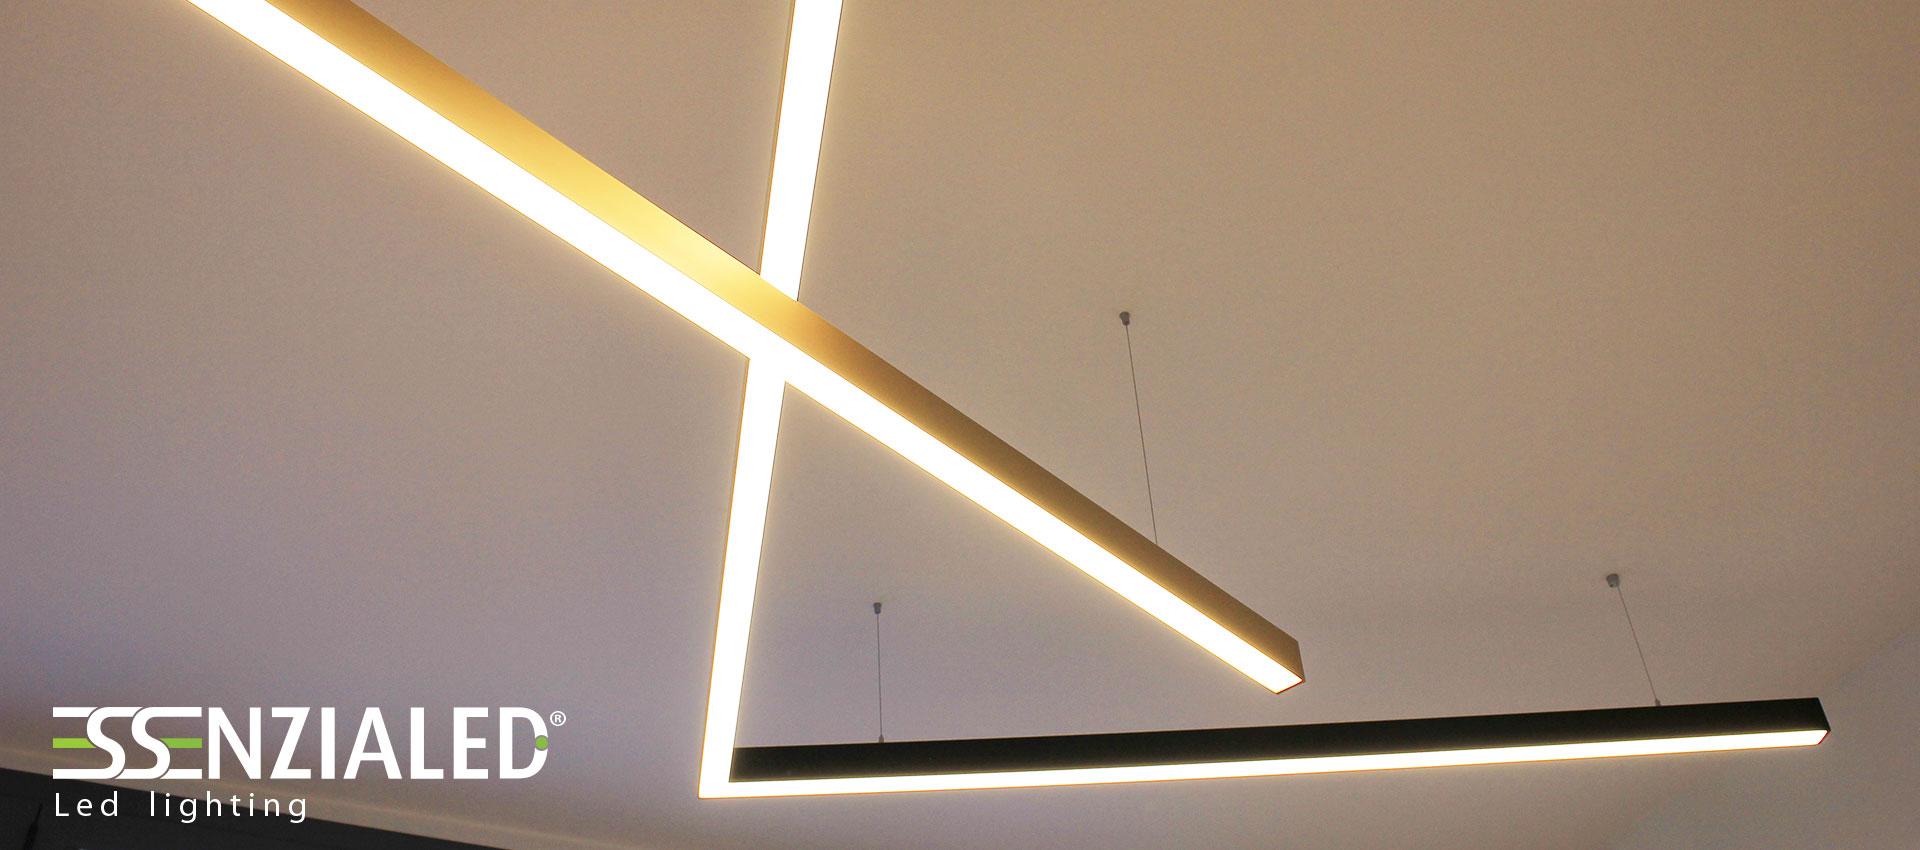 Power in xl profili a led a sospensione essenzialedessenzialed illuminazione a led - Lampadari da interno ...